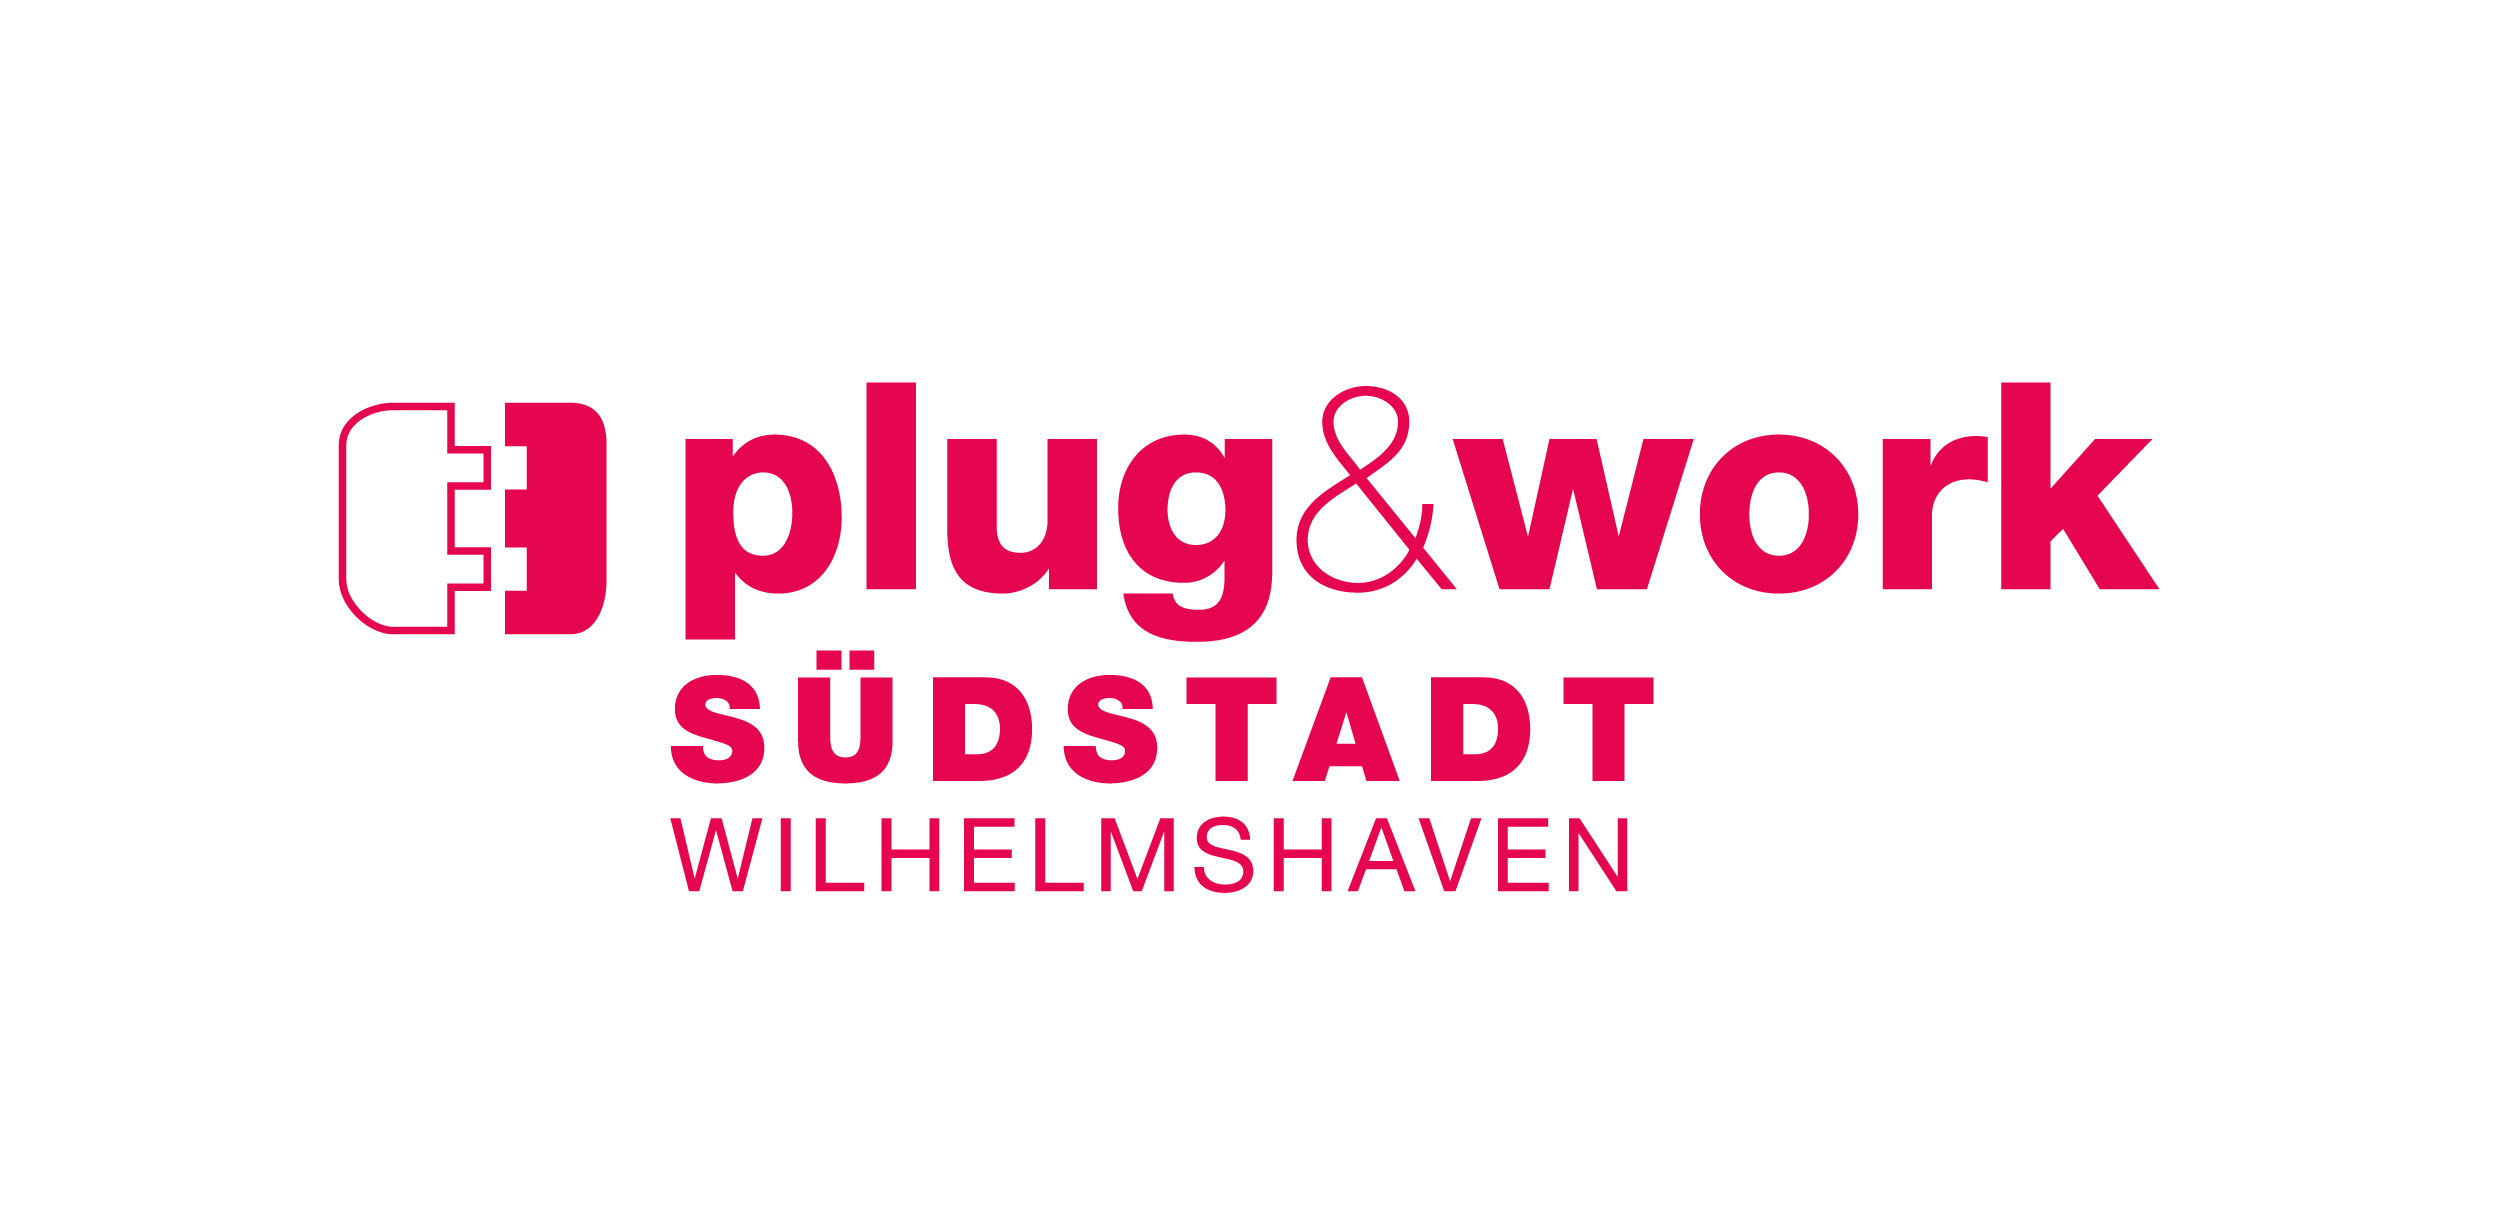 plugwork_logo1